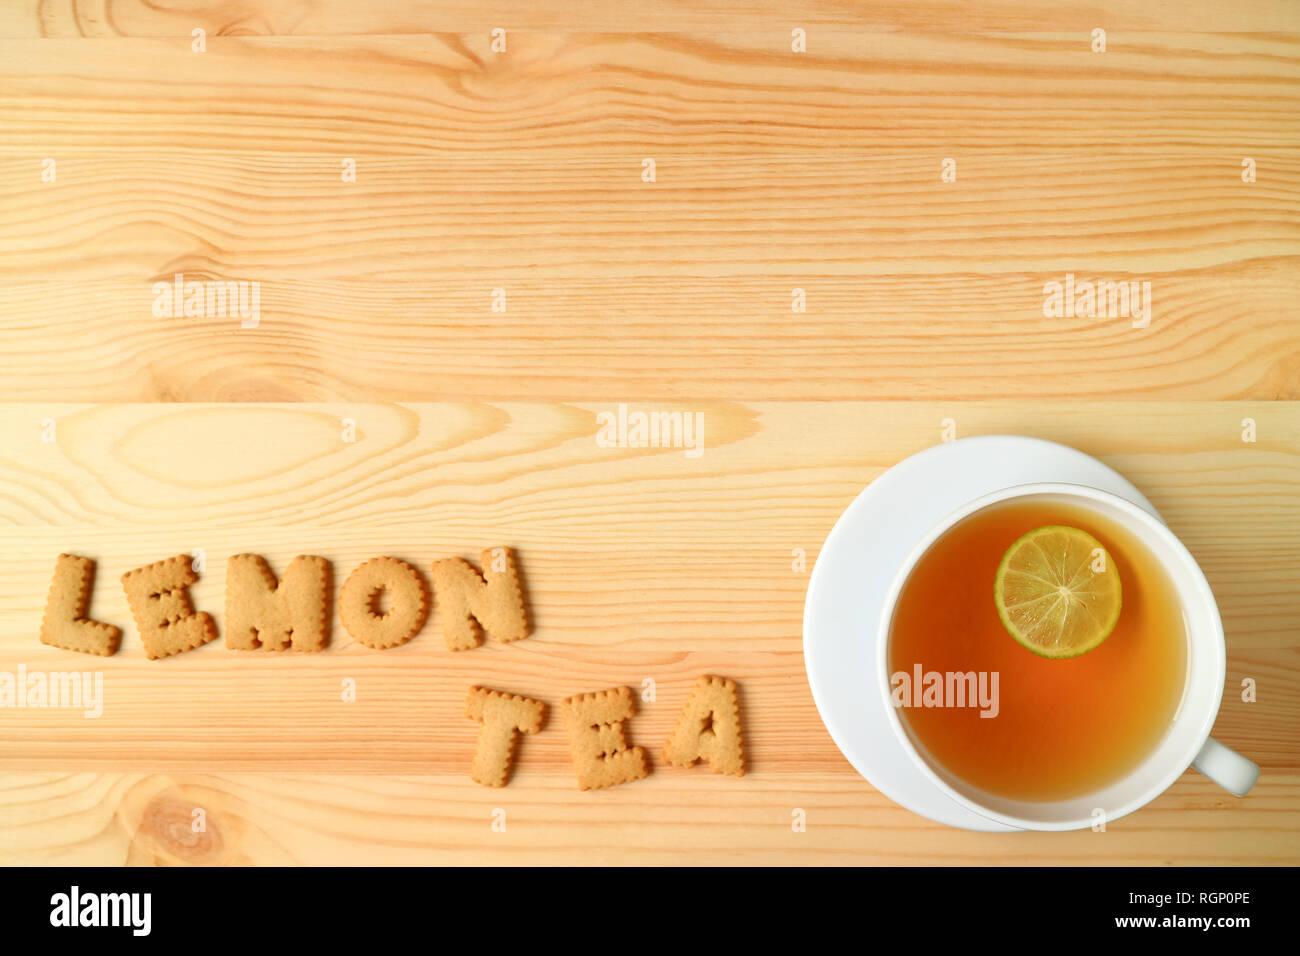 Heiße Zitrone Tee Mit Dem Wort Zitrone Tee Rechtschreibung Mit